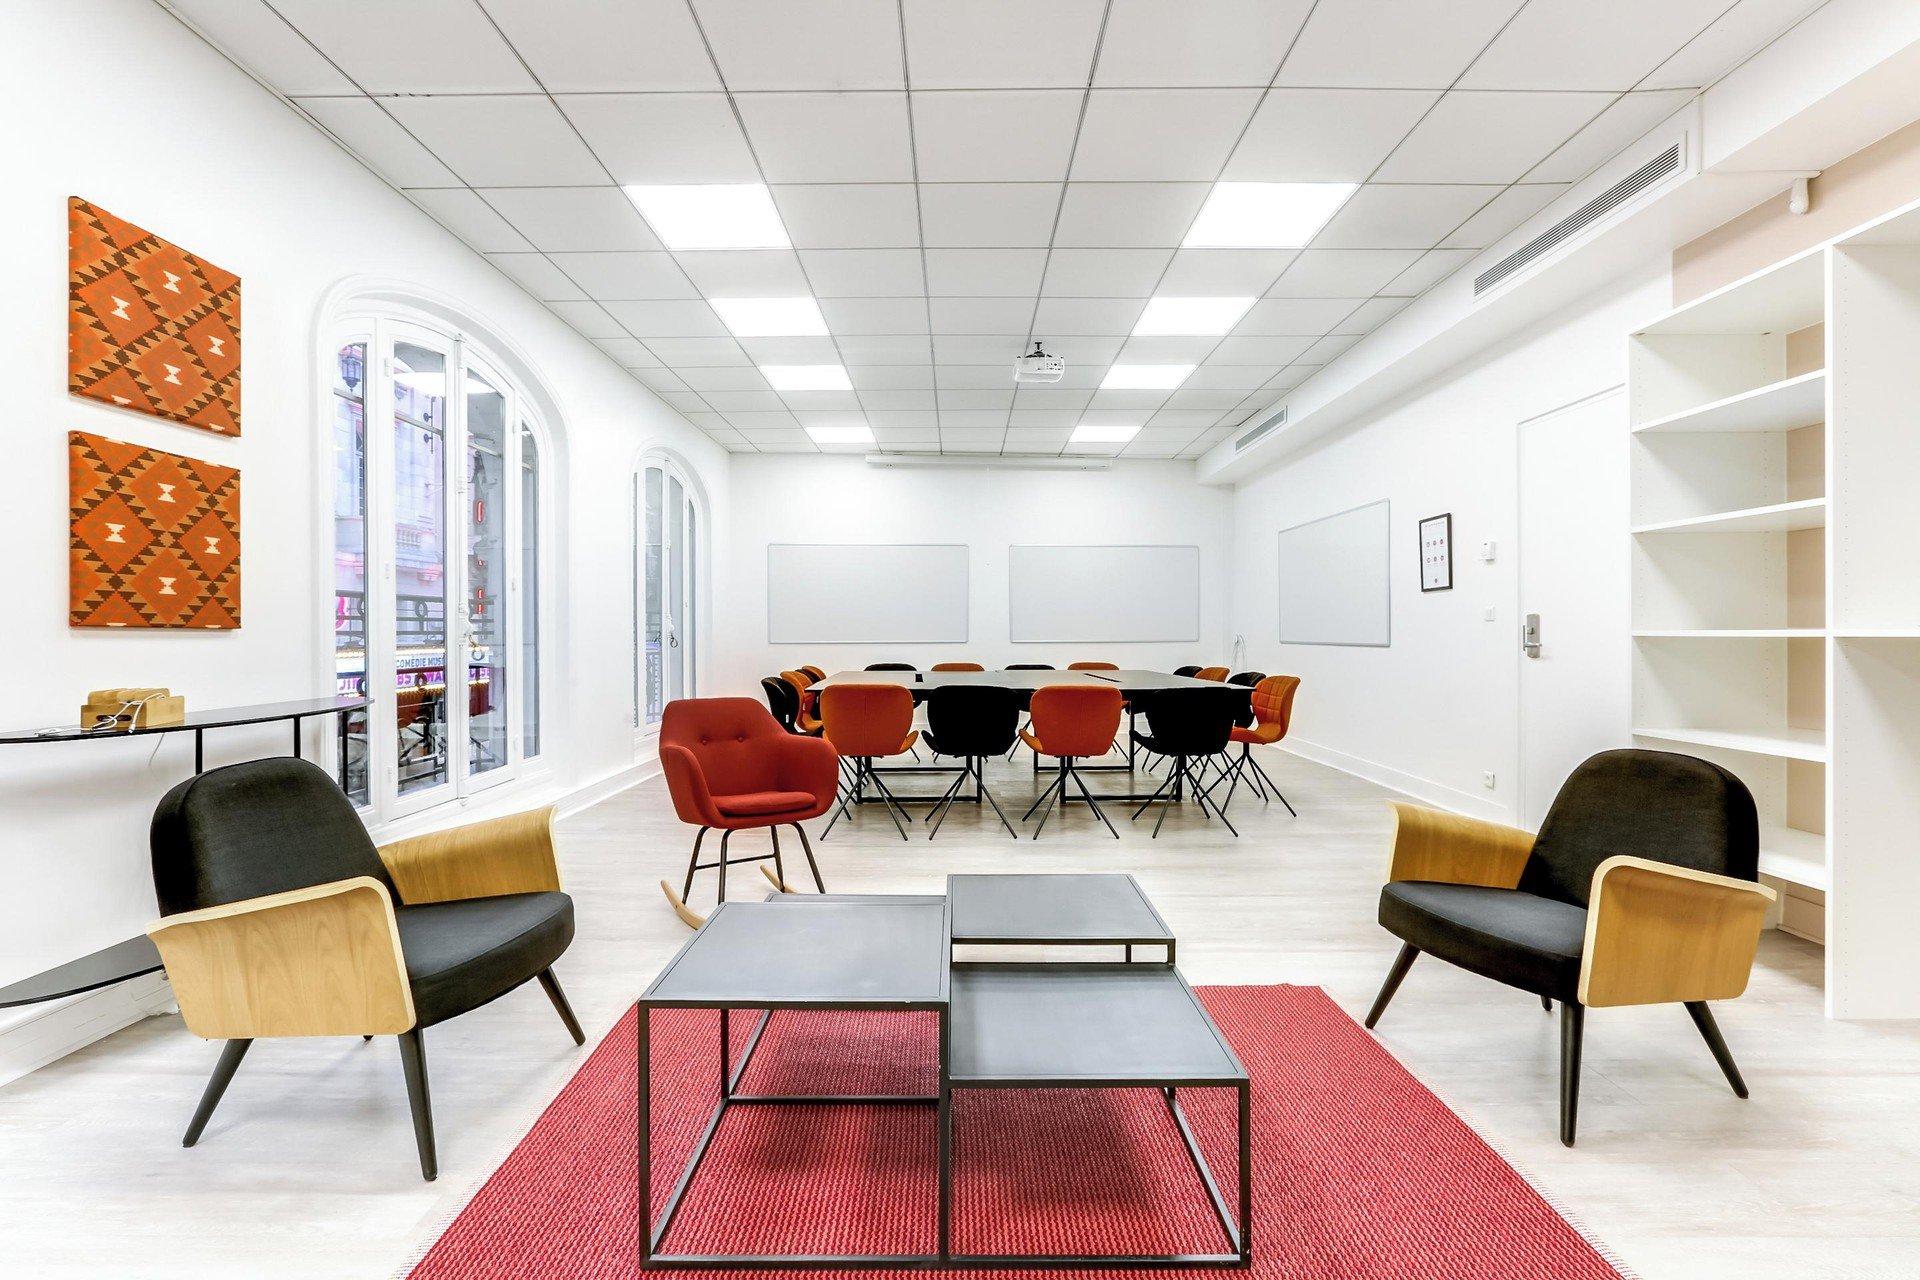 Paris Espaces de travail Meetingraum Mogador _ Lorette image 3